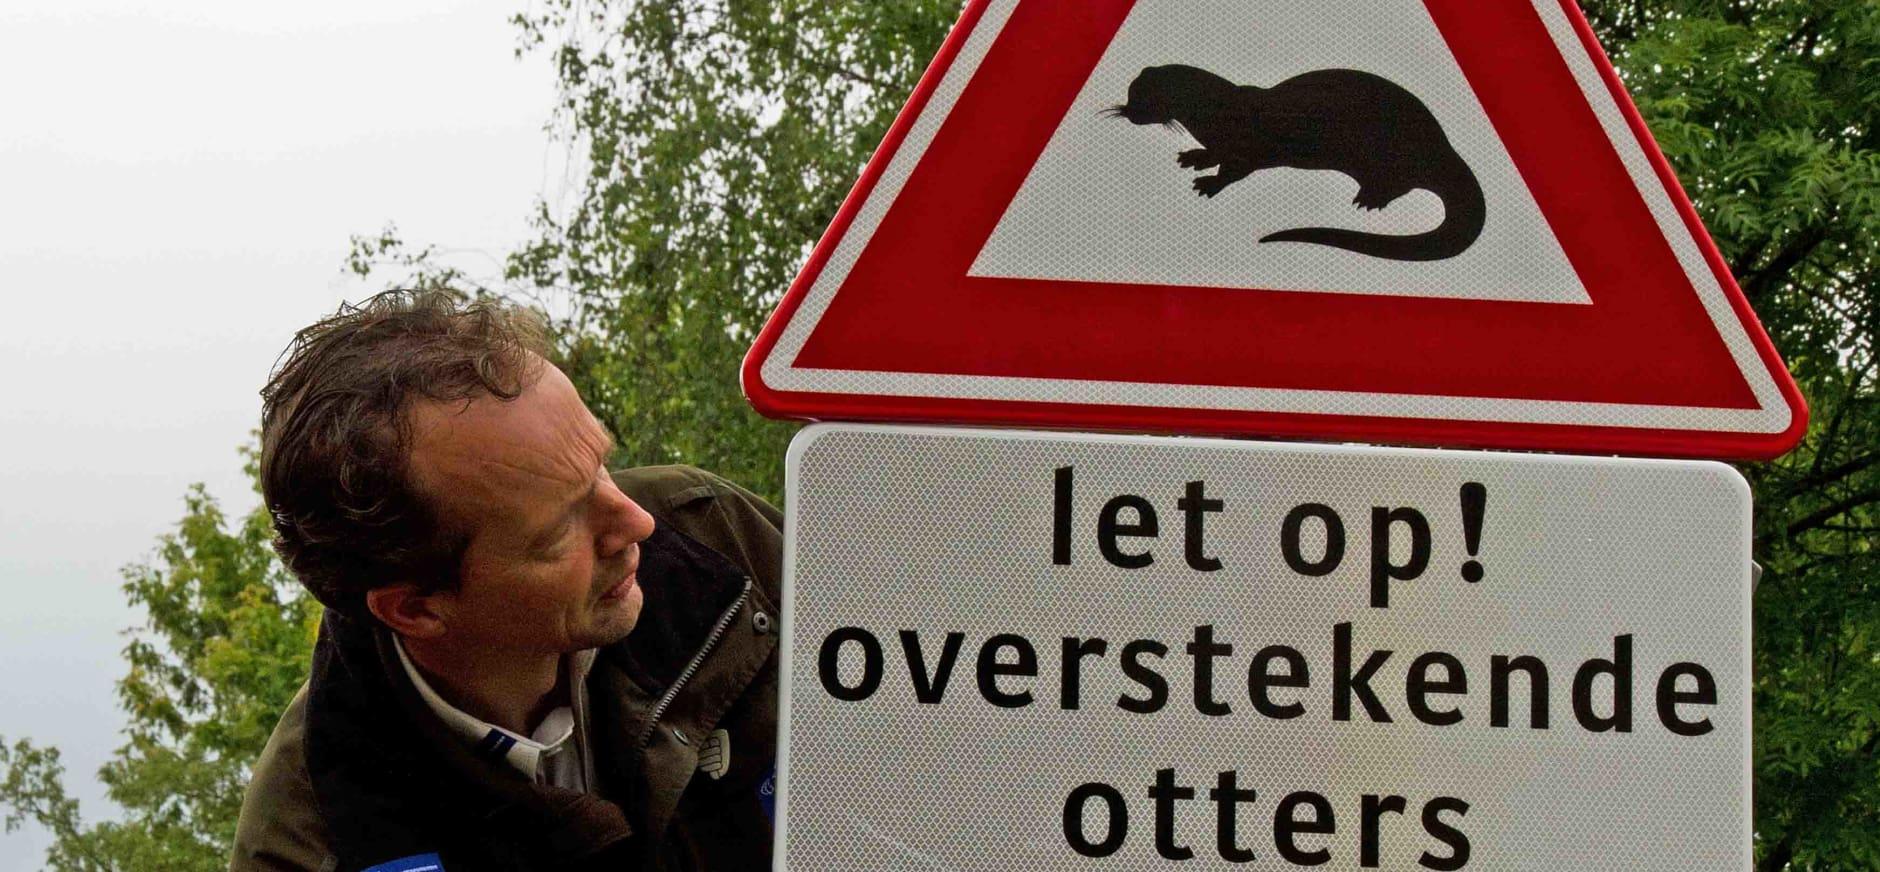 Boswachter John Pietersen plaatst otterbord